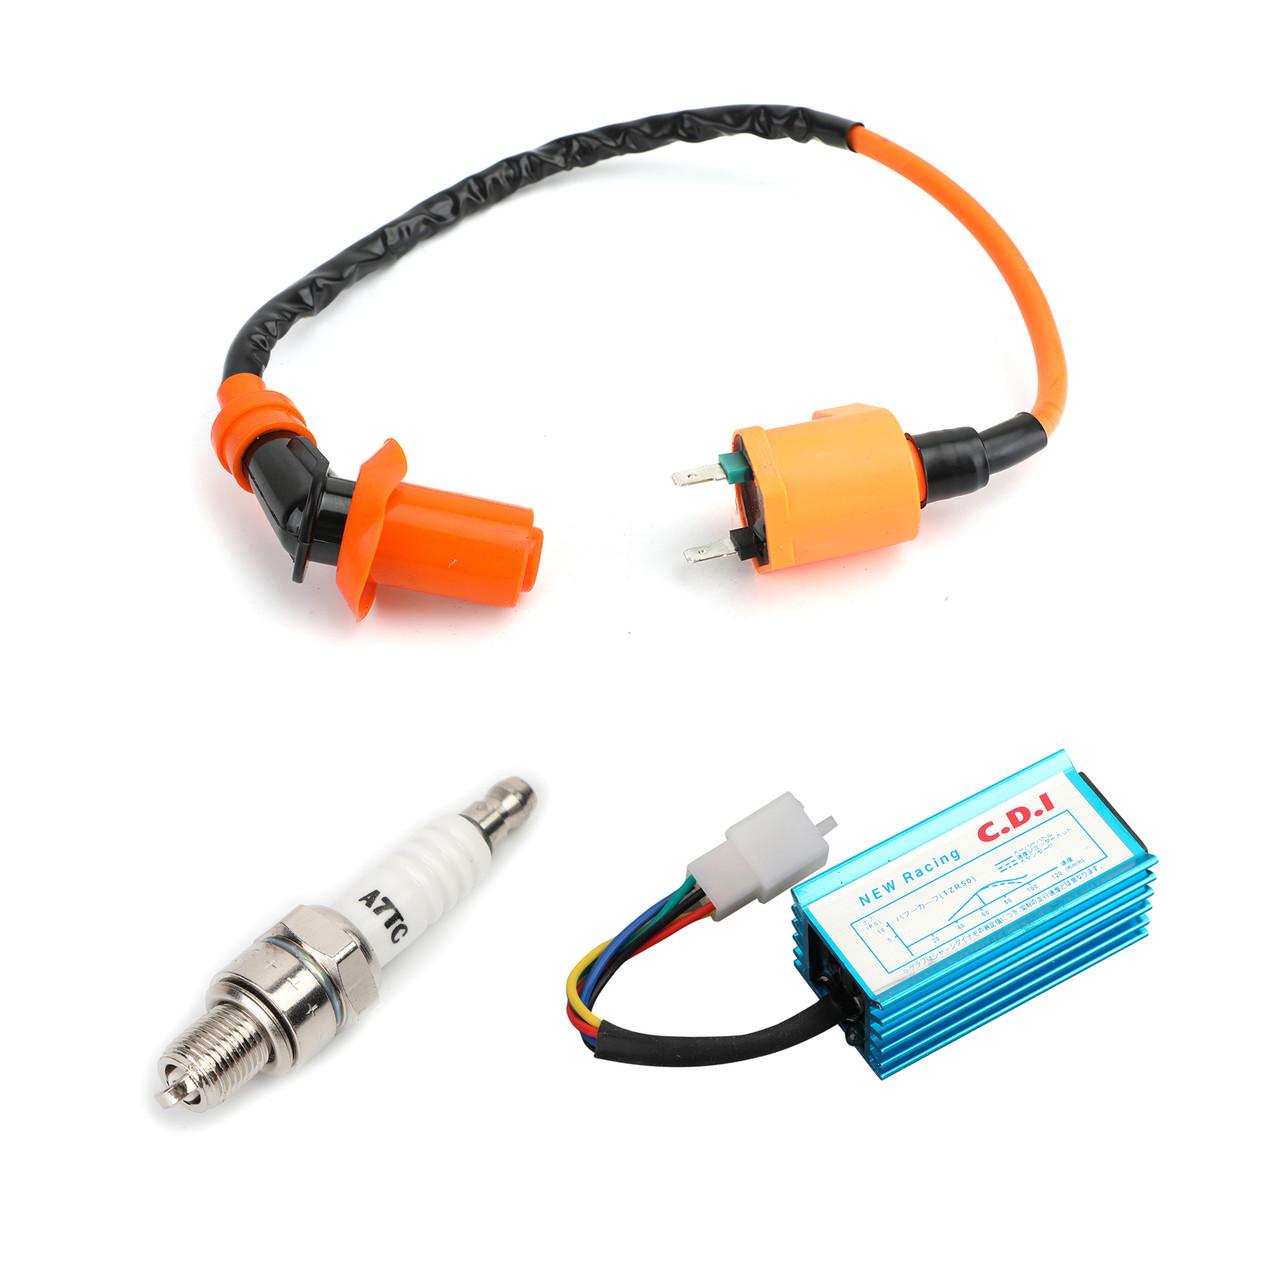 High Performance Racing Ignition Coil Spark Plug AC CDI for GY6 50cc 125cc 150cc